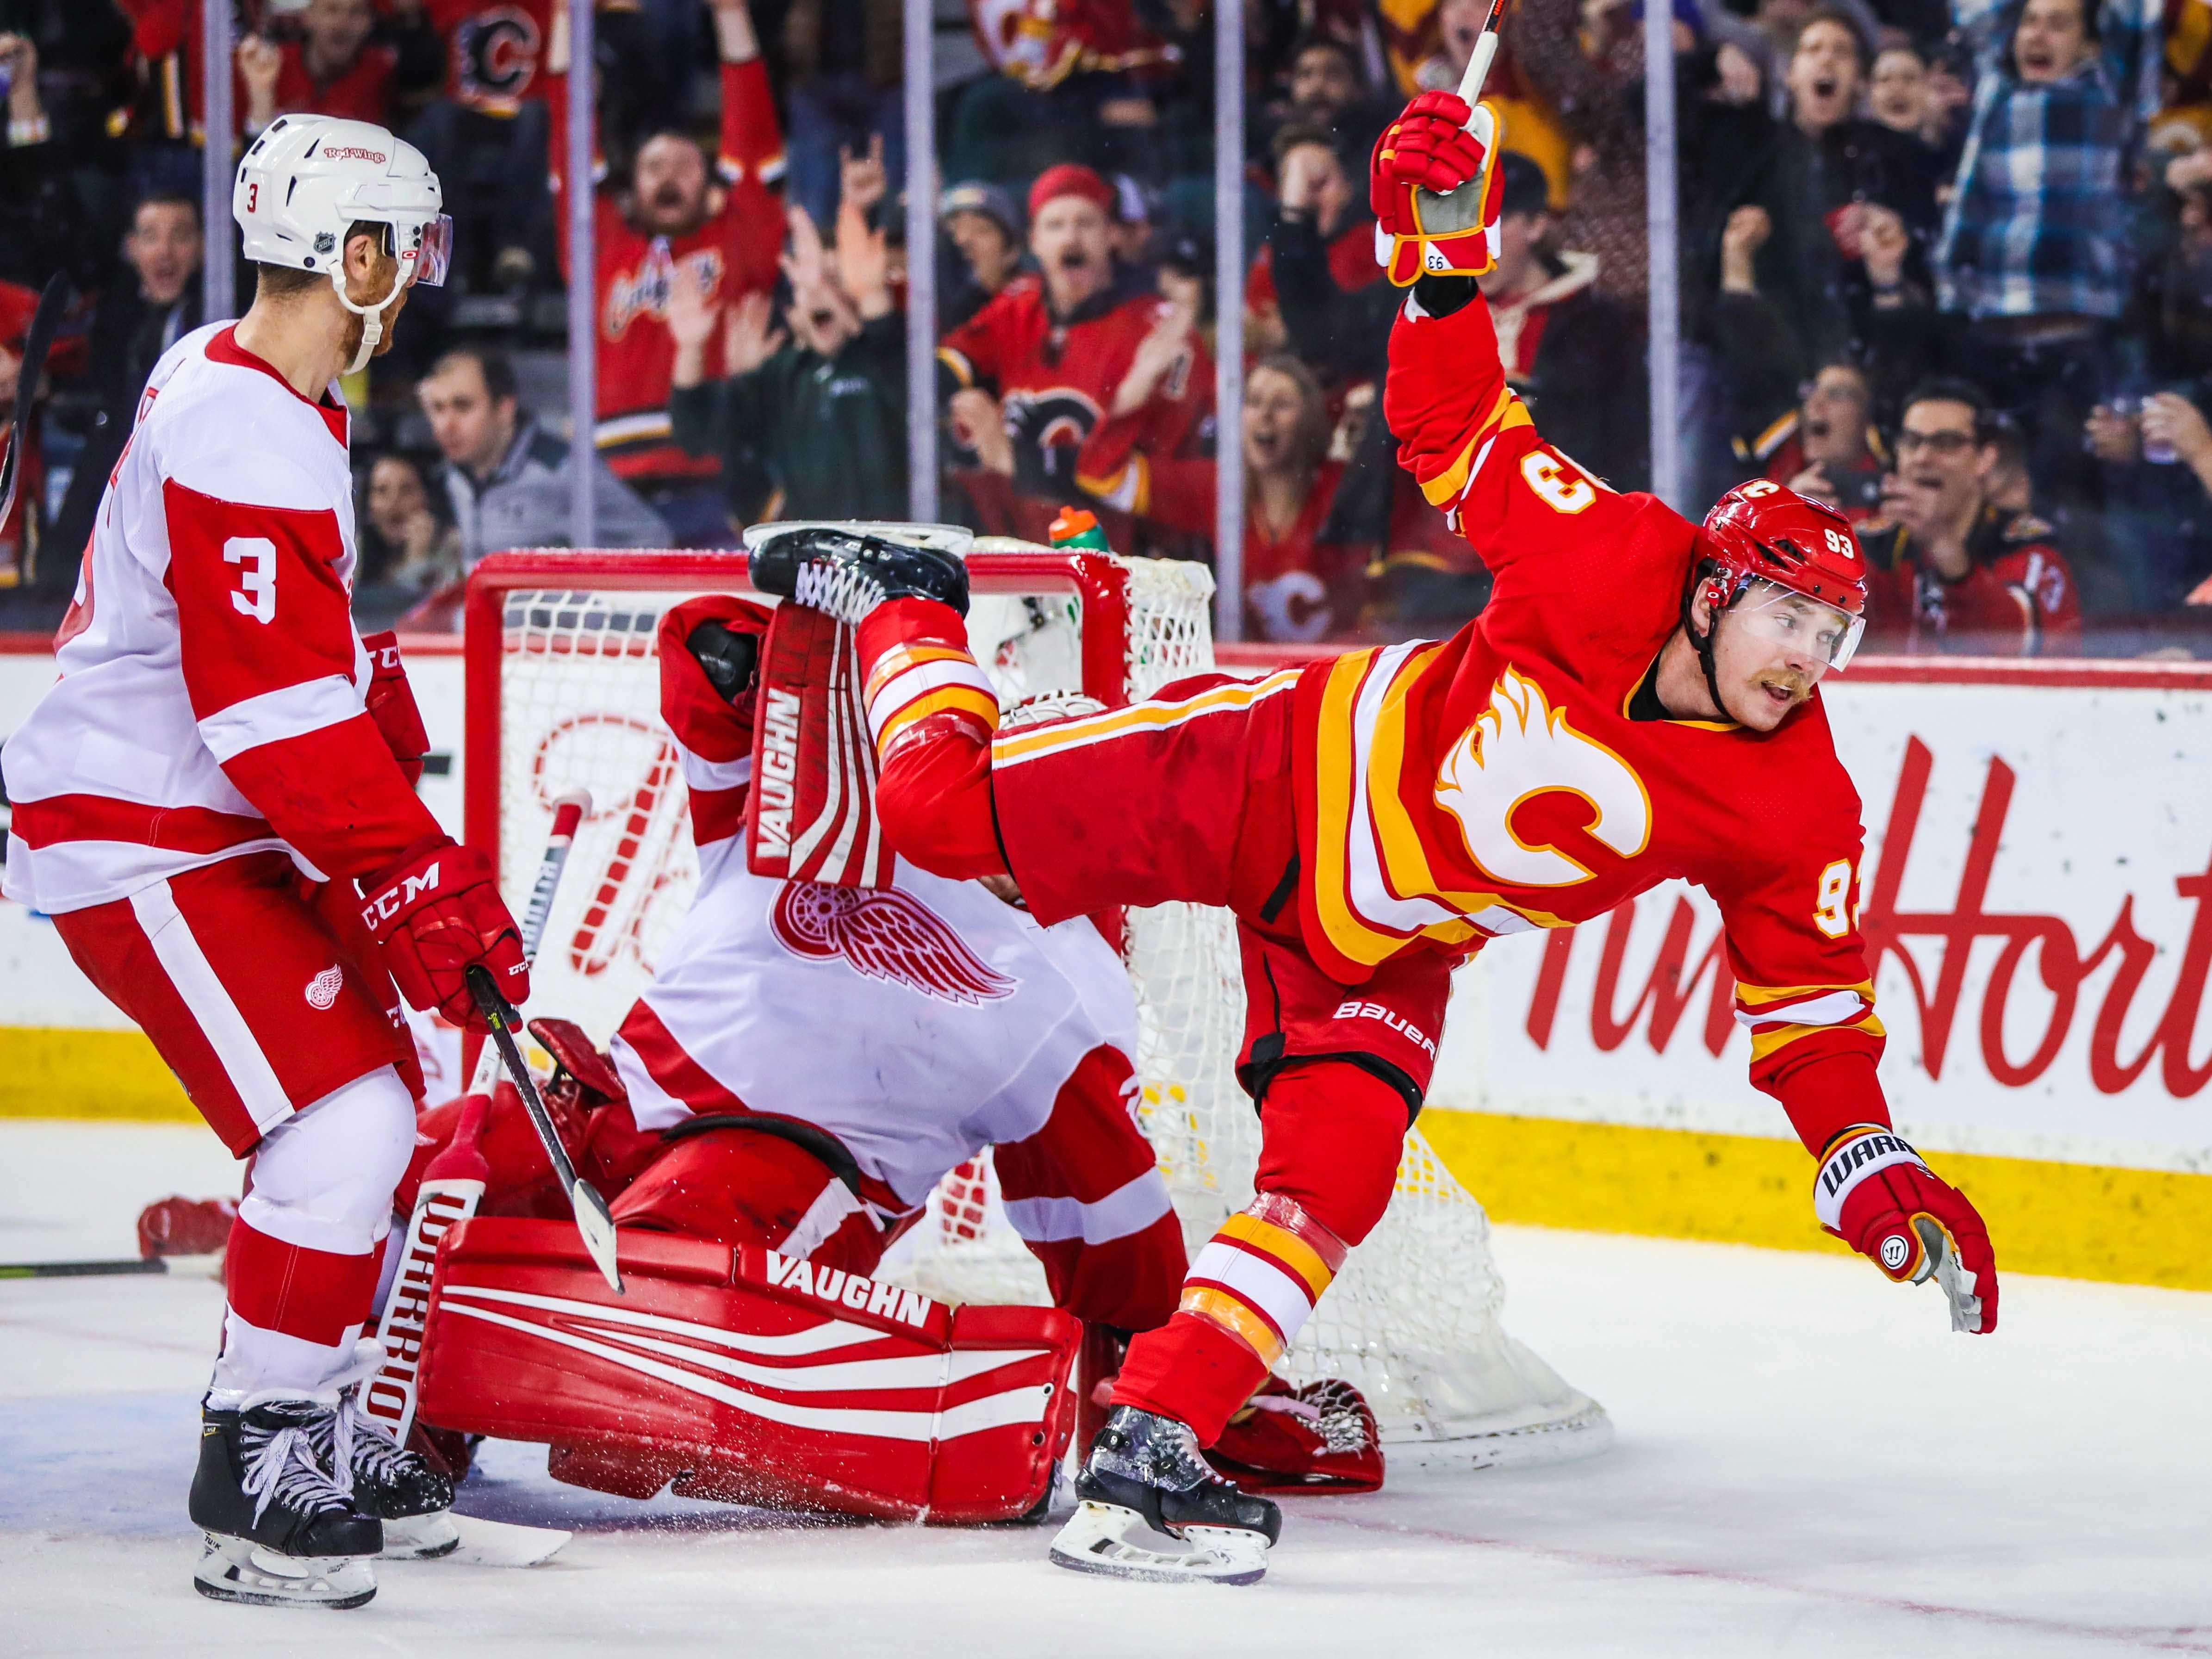 Jan. 18: Calgary Flames center Sam Bennett goes flying after scoring against Detroit Red Wings goalie Jimmy Howard.